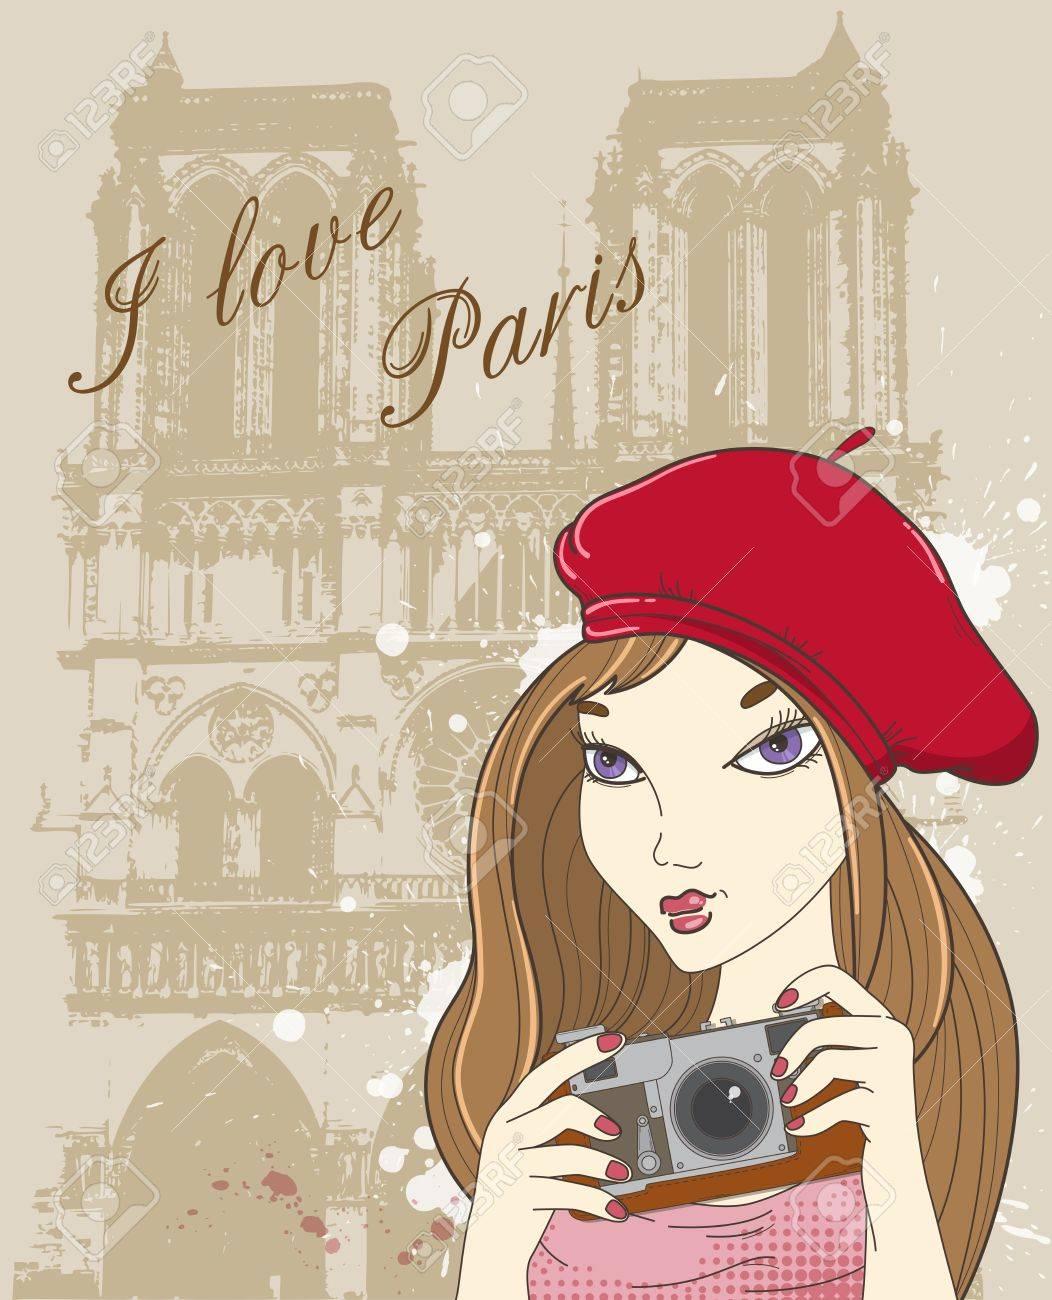 パリでの女の子の写真とイラストの背景 ロイヤリティフリークリップ